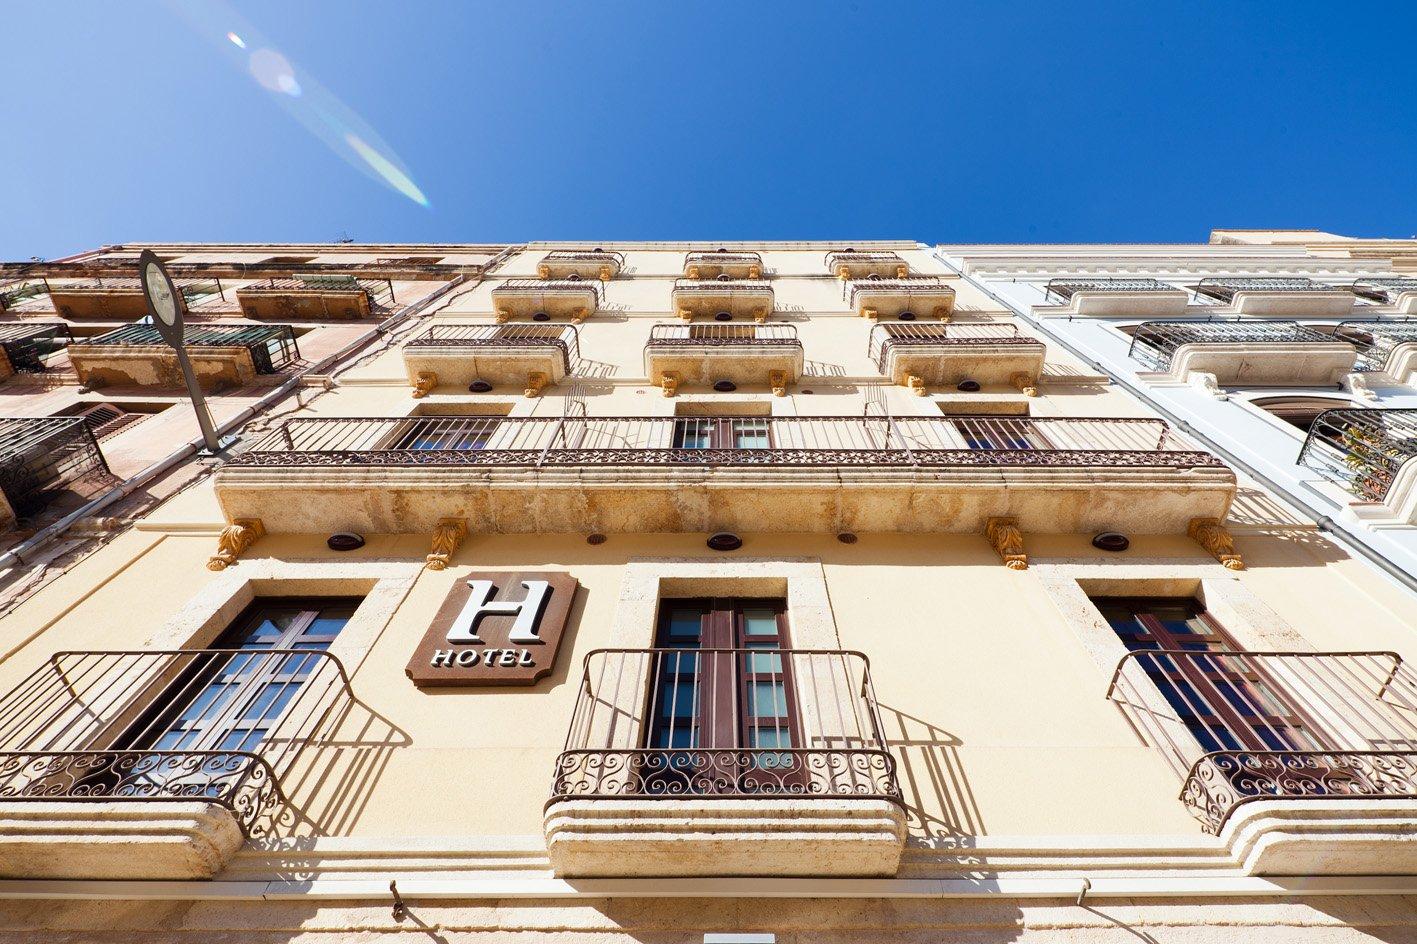 hotel_la_fontnombre_del_documento_18-c8c8e3cb32e29b42db956b55569bb7d8